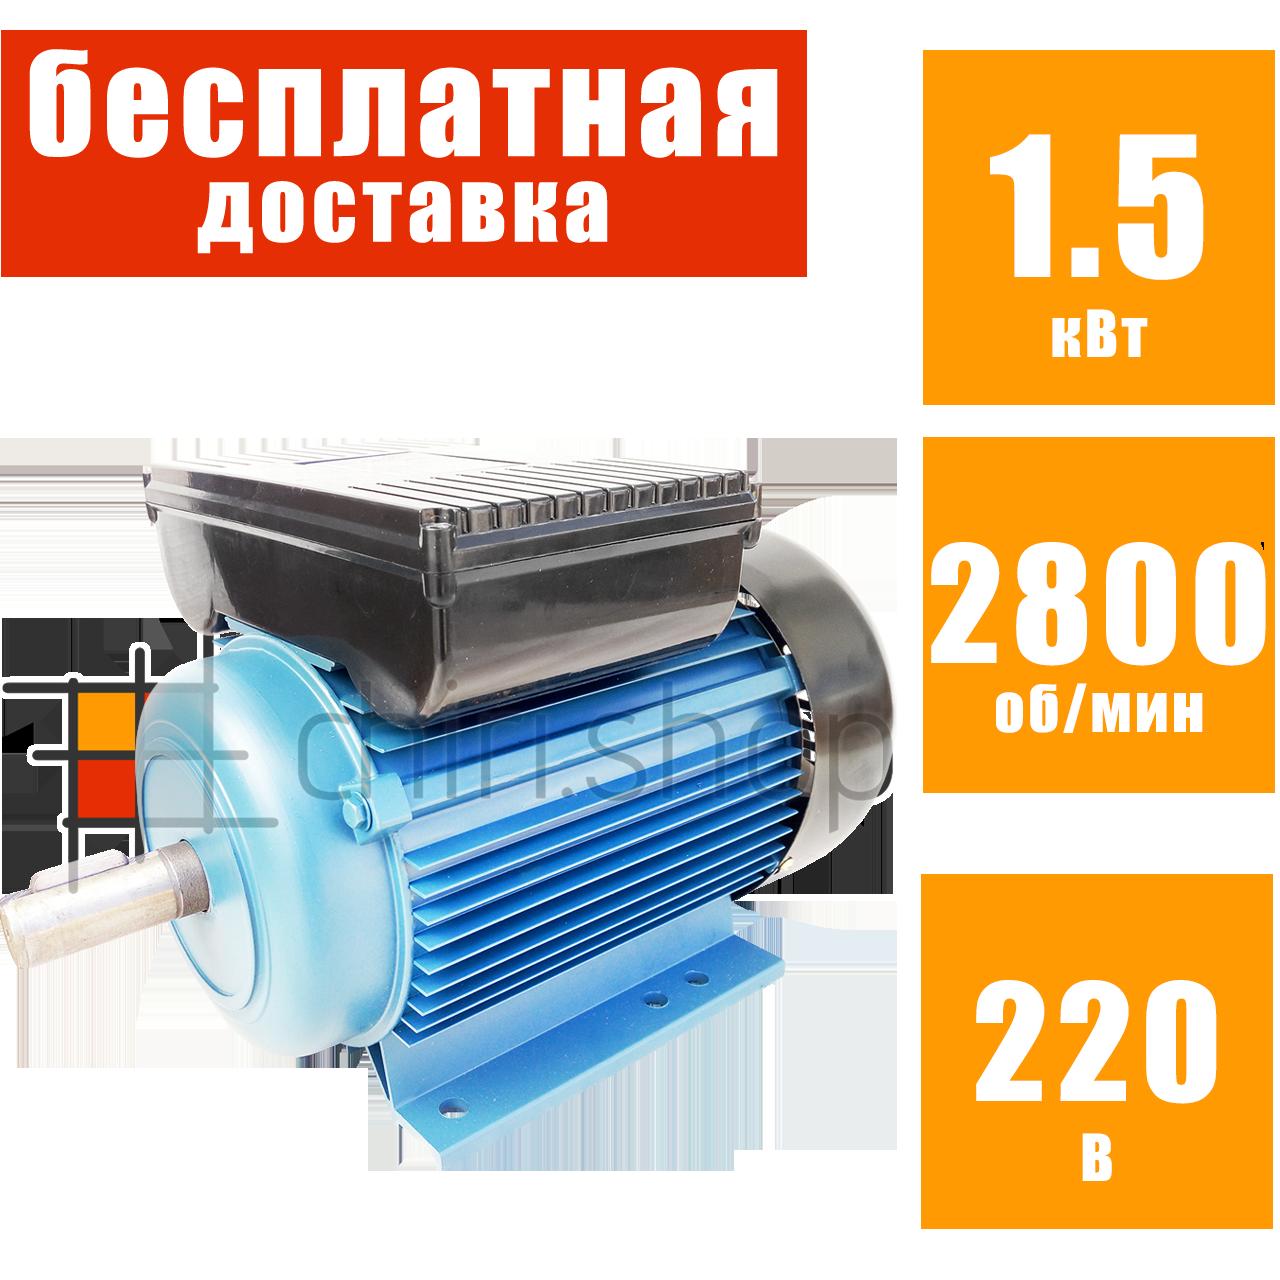 Электродвигатель 1.5 кВт 2800 об/мин 220 В Eurotec AT 126 однофазный электродвигатель переменного тока 3000 об